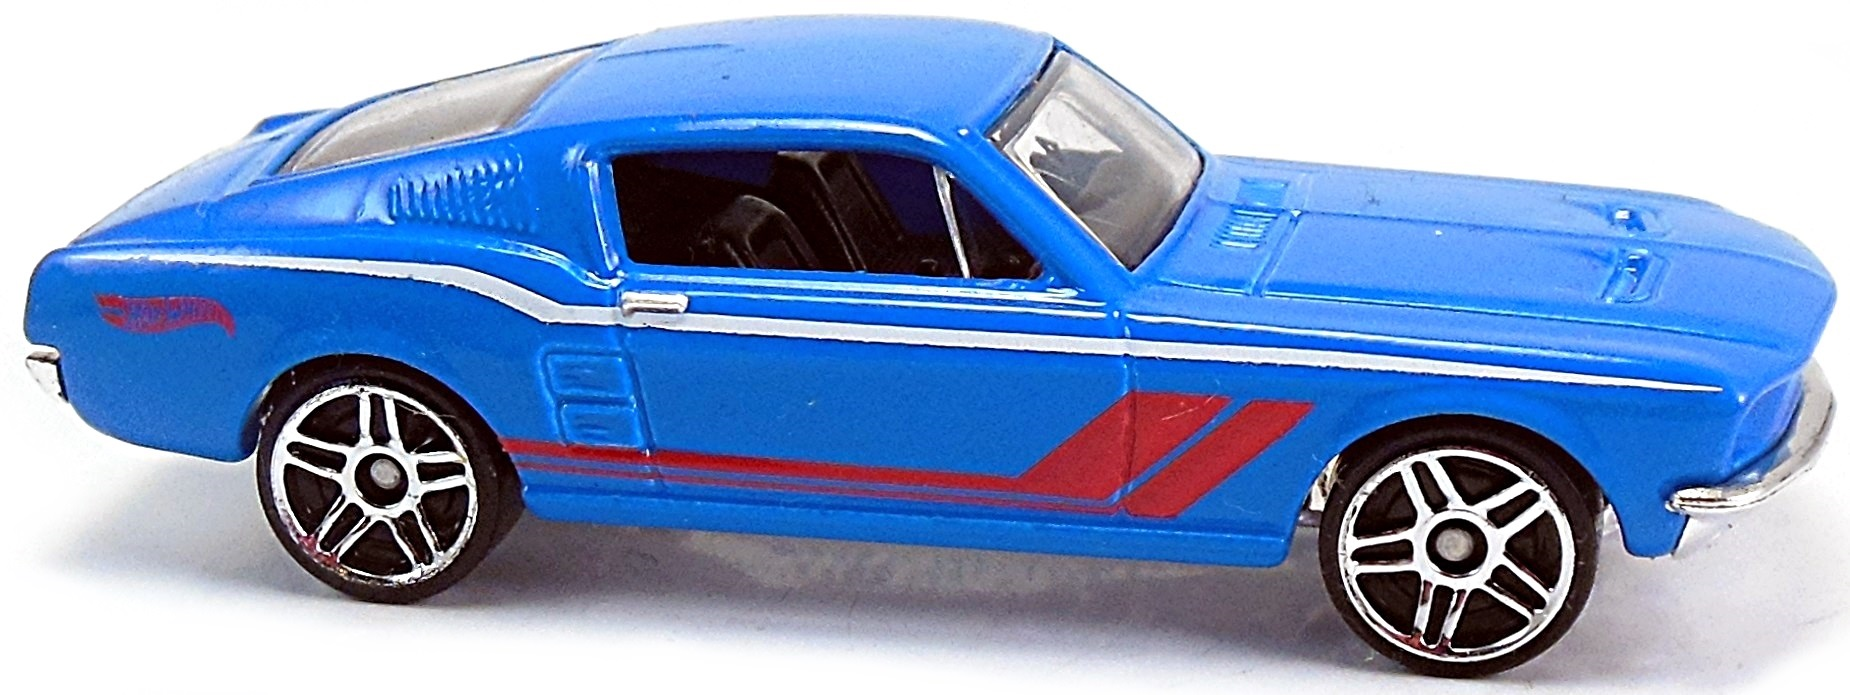 67 Custom Mustang 75mm 2010 Hot Wheels Newsletter